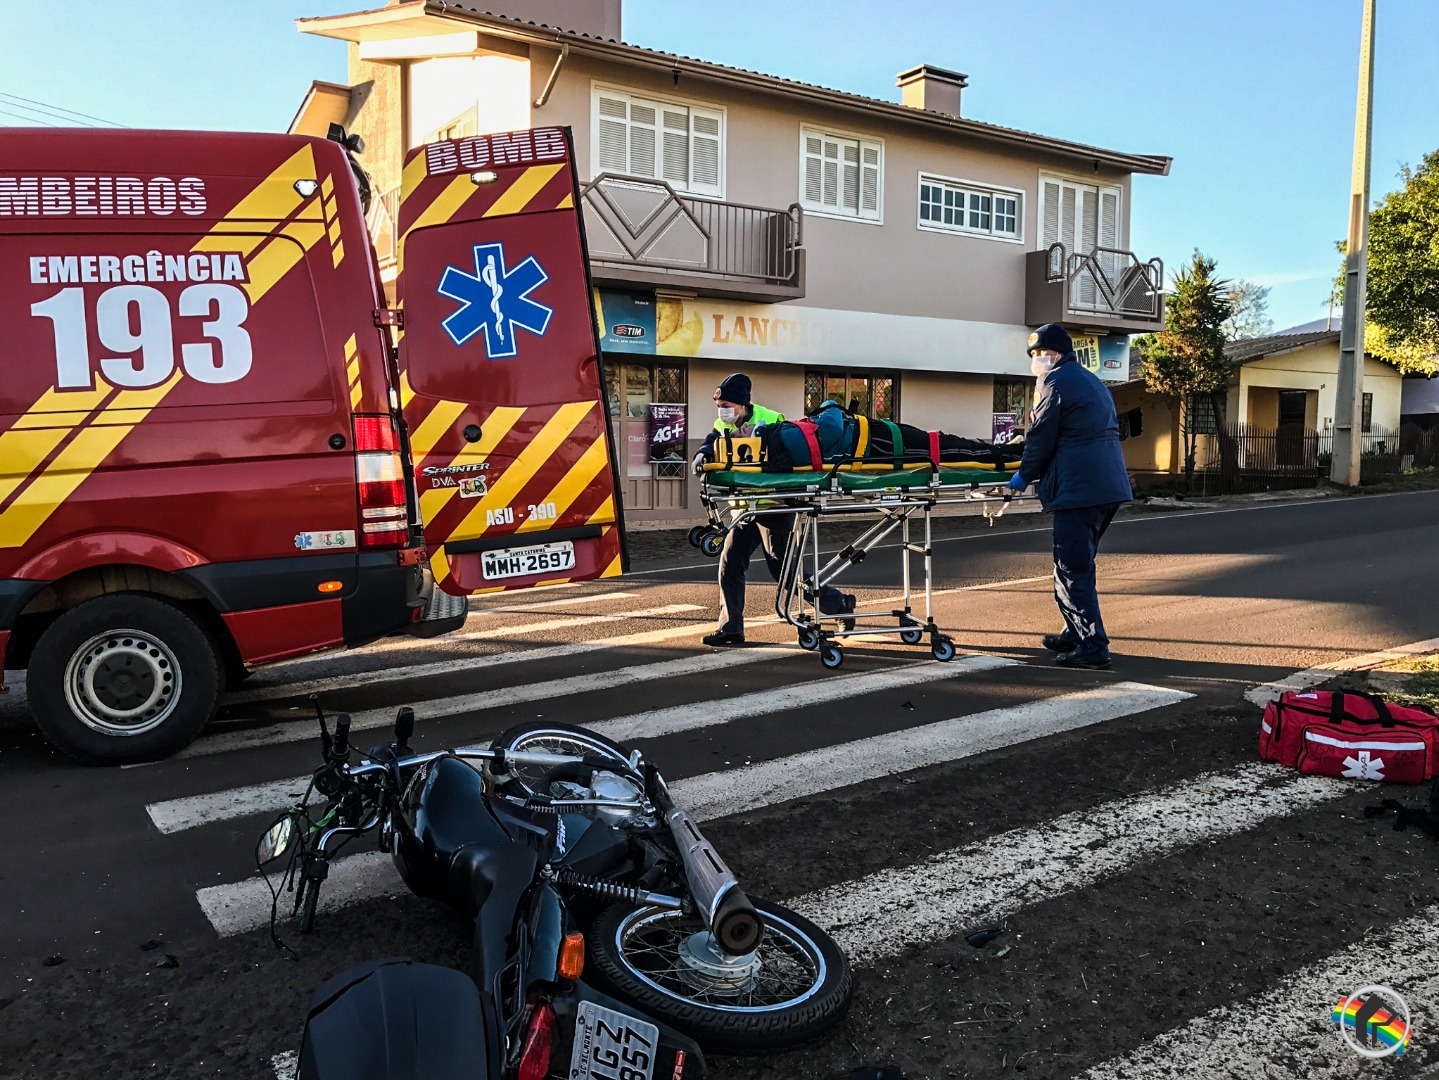 VÍDEO: Colisão traseira deixa motoqueiro ferido na Willy Barth